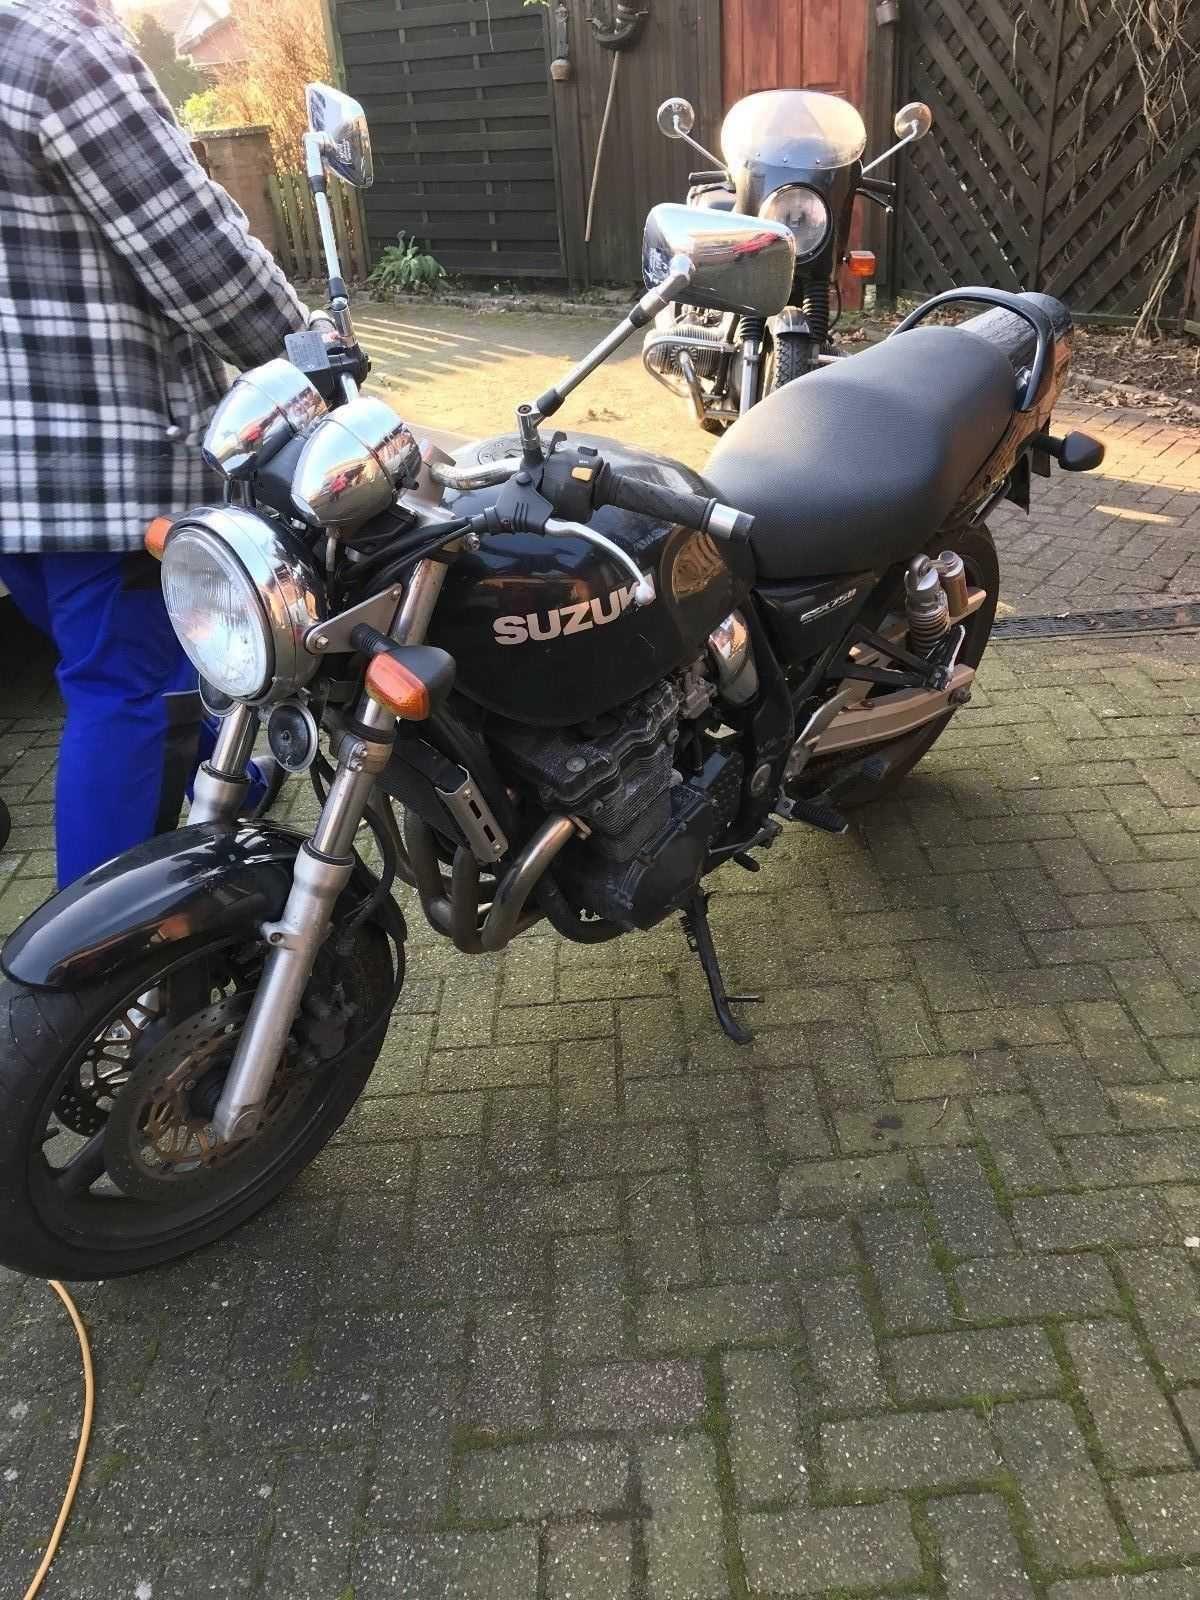 Suzuki GSX 750 AE Naked Bike Schwarz Zu Verkaufen Check More At